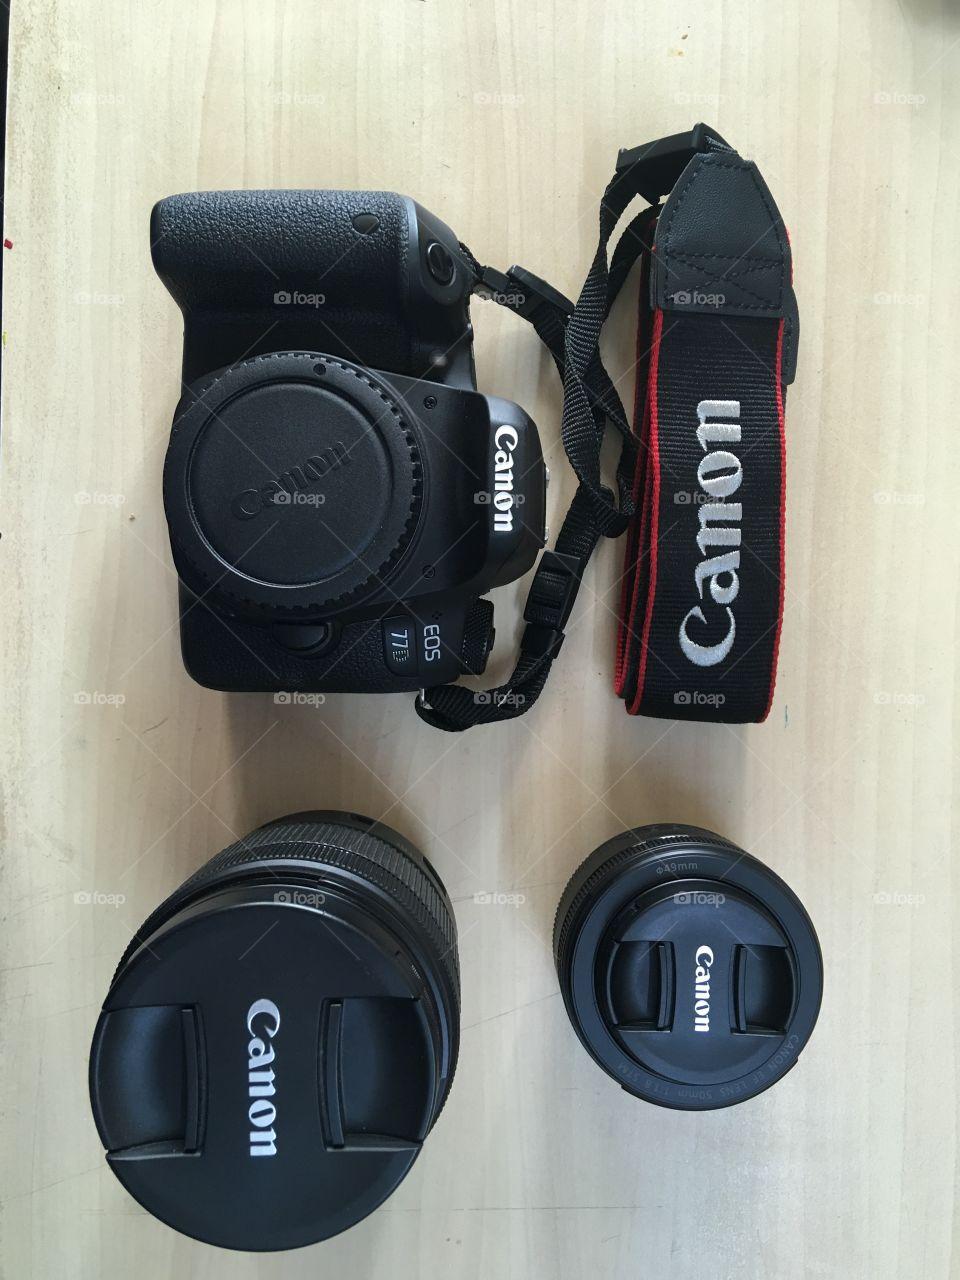 Camera, canon camera, dslr, eos canon, love camera, camera wallpaper, wallpaper, canon, lens, 50mm lens